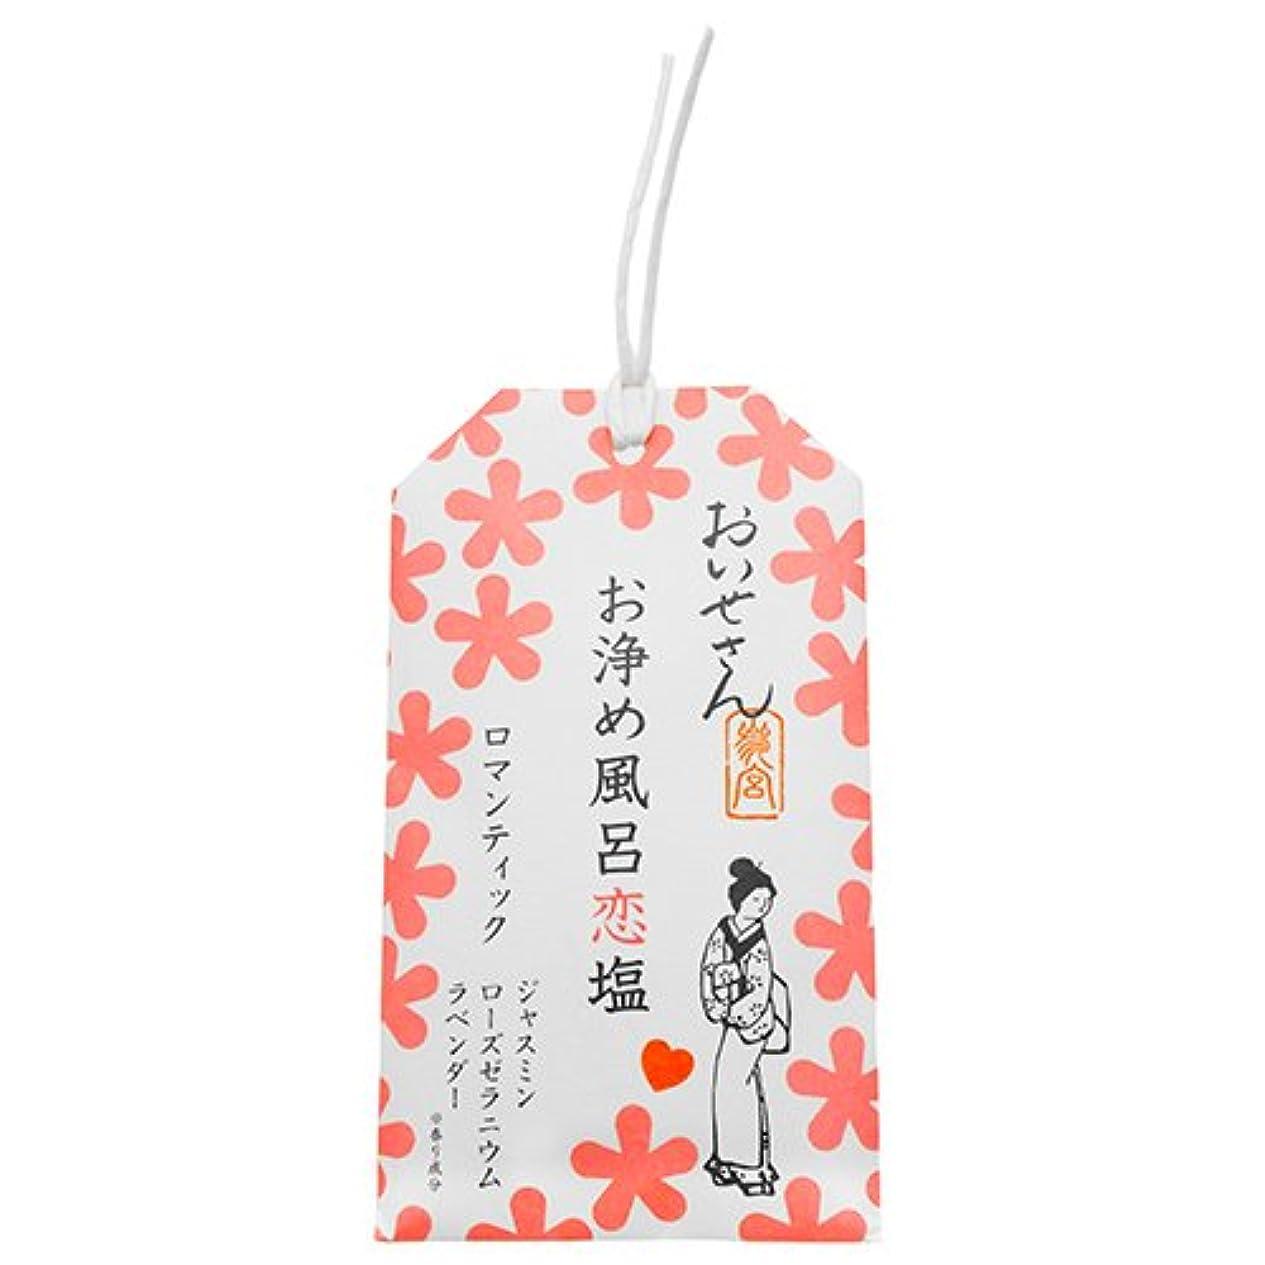 動機付けるネズミ厄介なおいせさん お浄め風呂恋塩(ロマンティック)